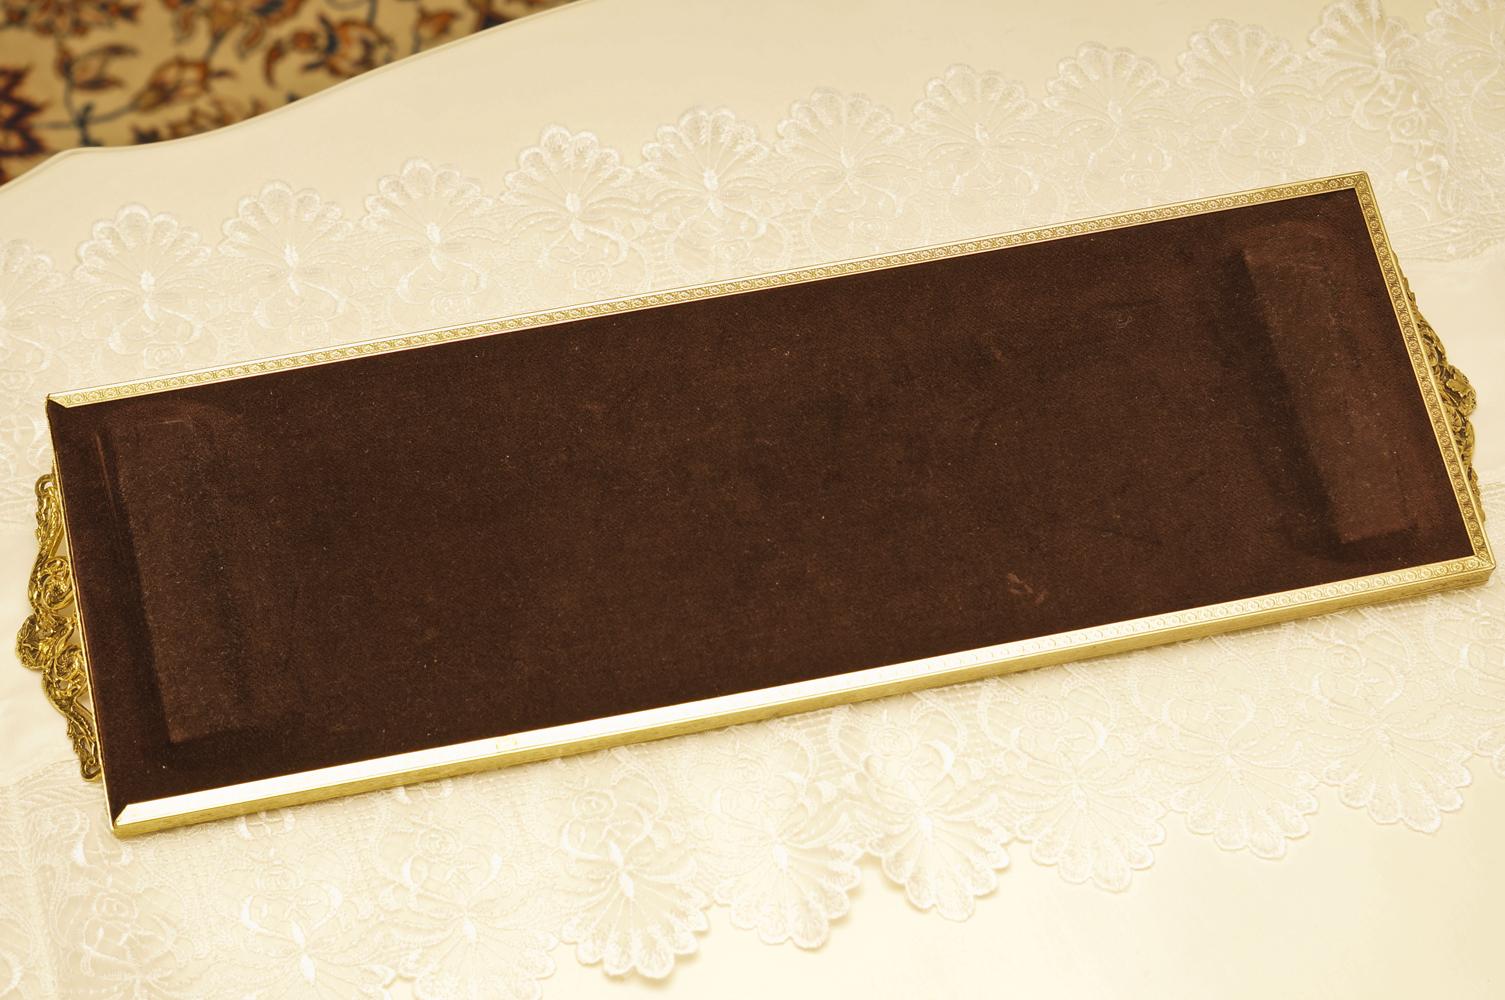 スタイルビルト製 ゴールド 長方形 バニティミラートレー 裏側